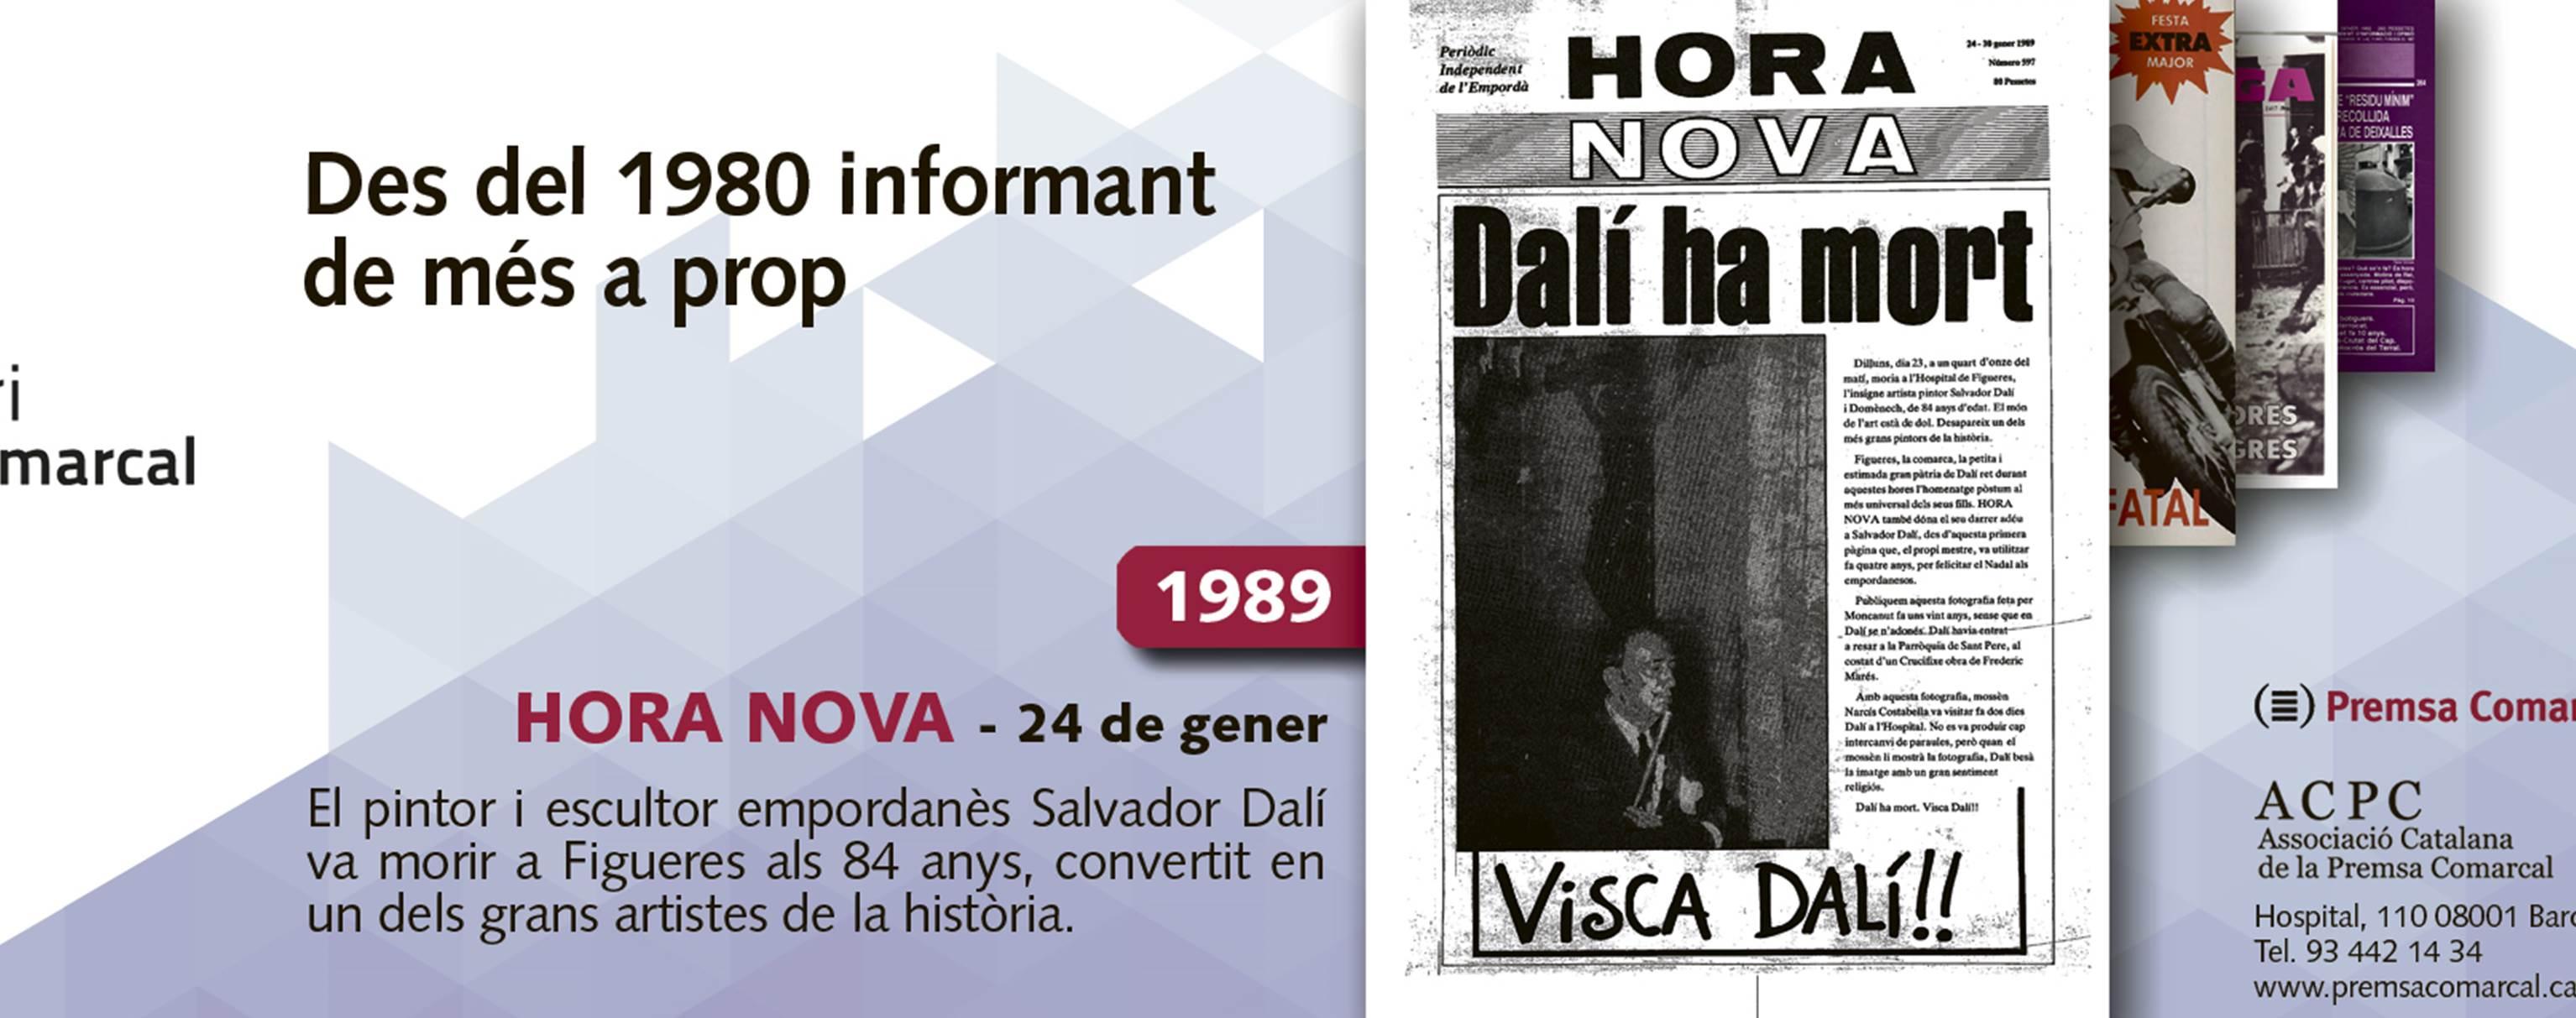 La mort de Dalí l'any 1989 explicada a l''Hora Nova' a la campanya dels 35 anys l'ACPC